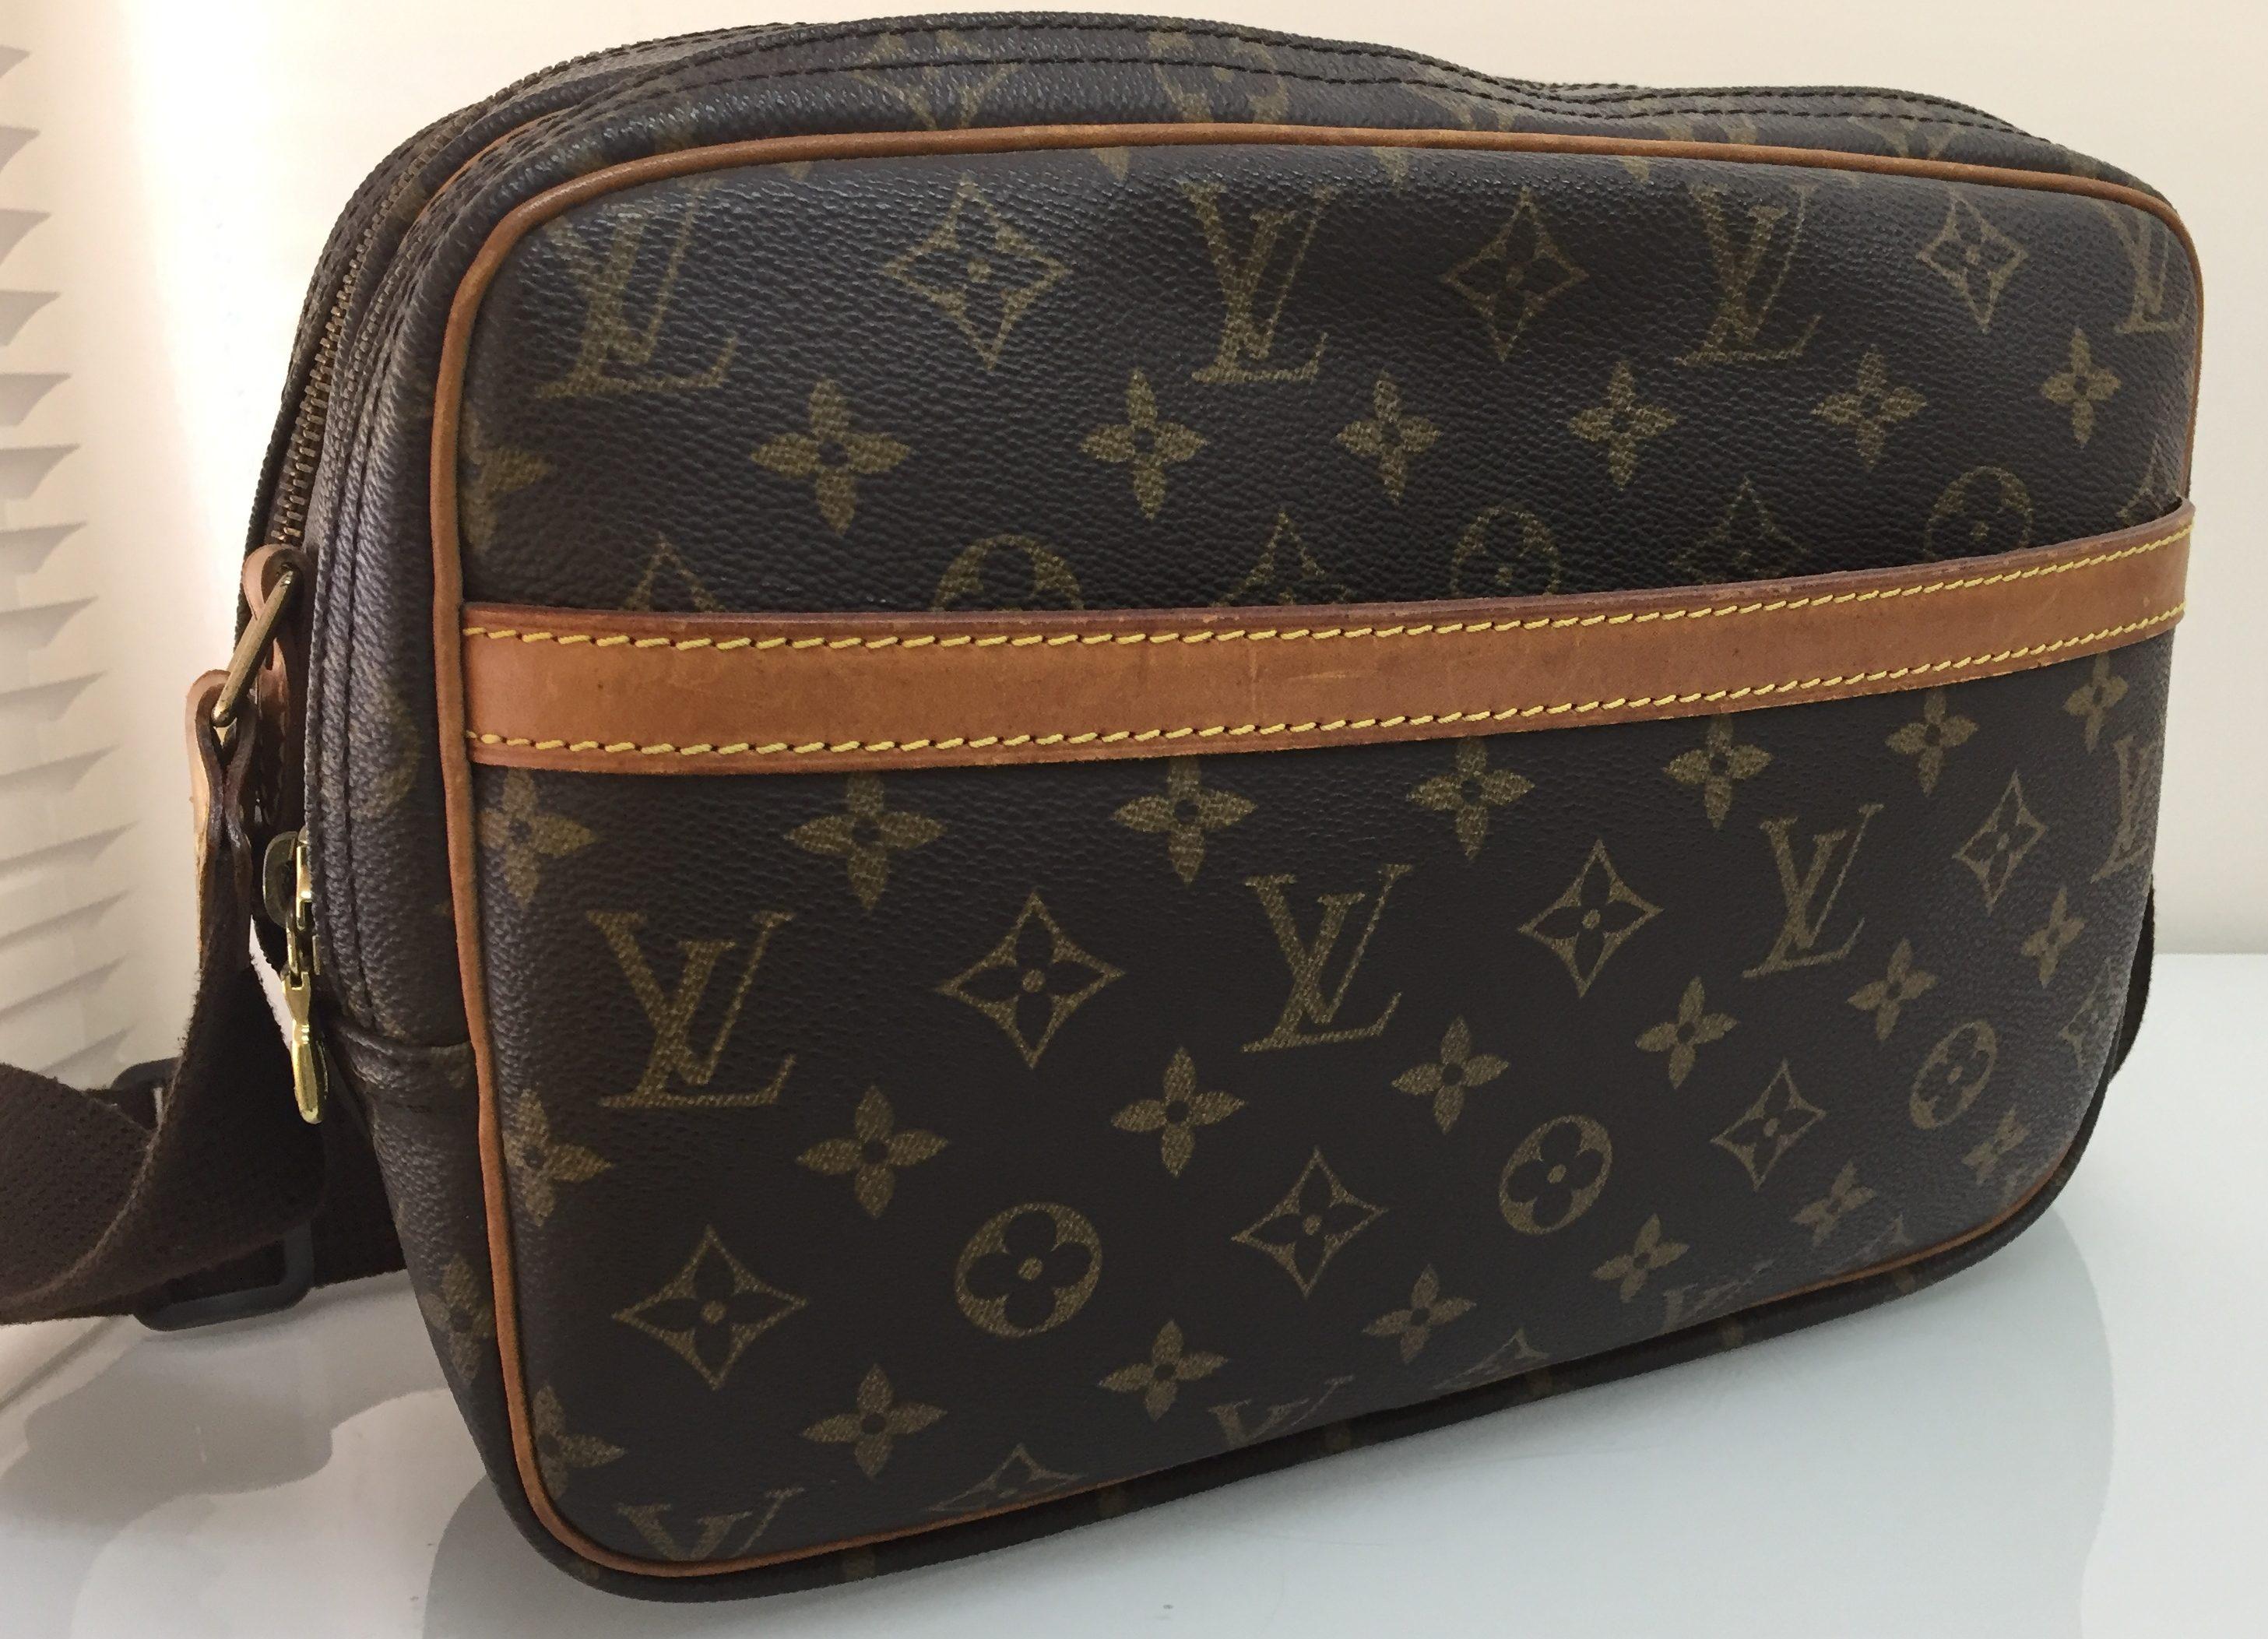 ルイヴィトン Louis Vuitton ブランド品 ブランドバッグ ブランド 買取